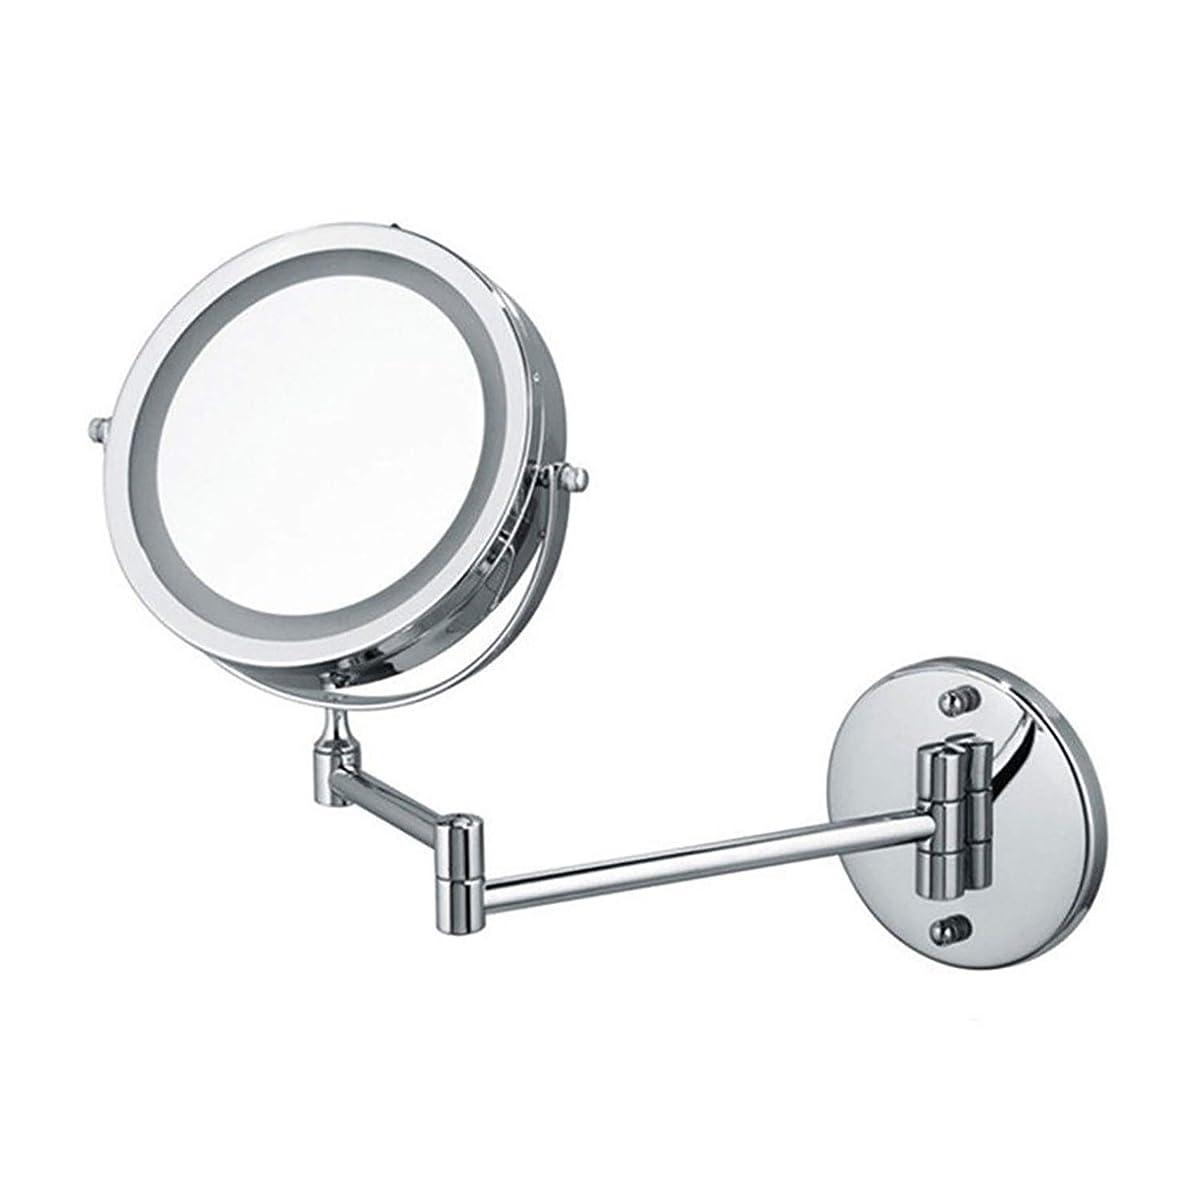 ホステル異なる抑圧する壁掛けメイクアップミラー 壁に取り付けられた7インチ照明付き化粧鏡5X拡大高級ラグジュアリーLED化粧鏡 (Color : Silver, Size : 7 inches 5X)